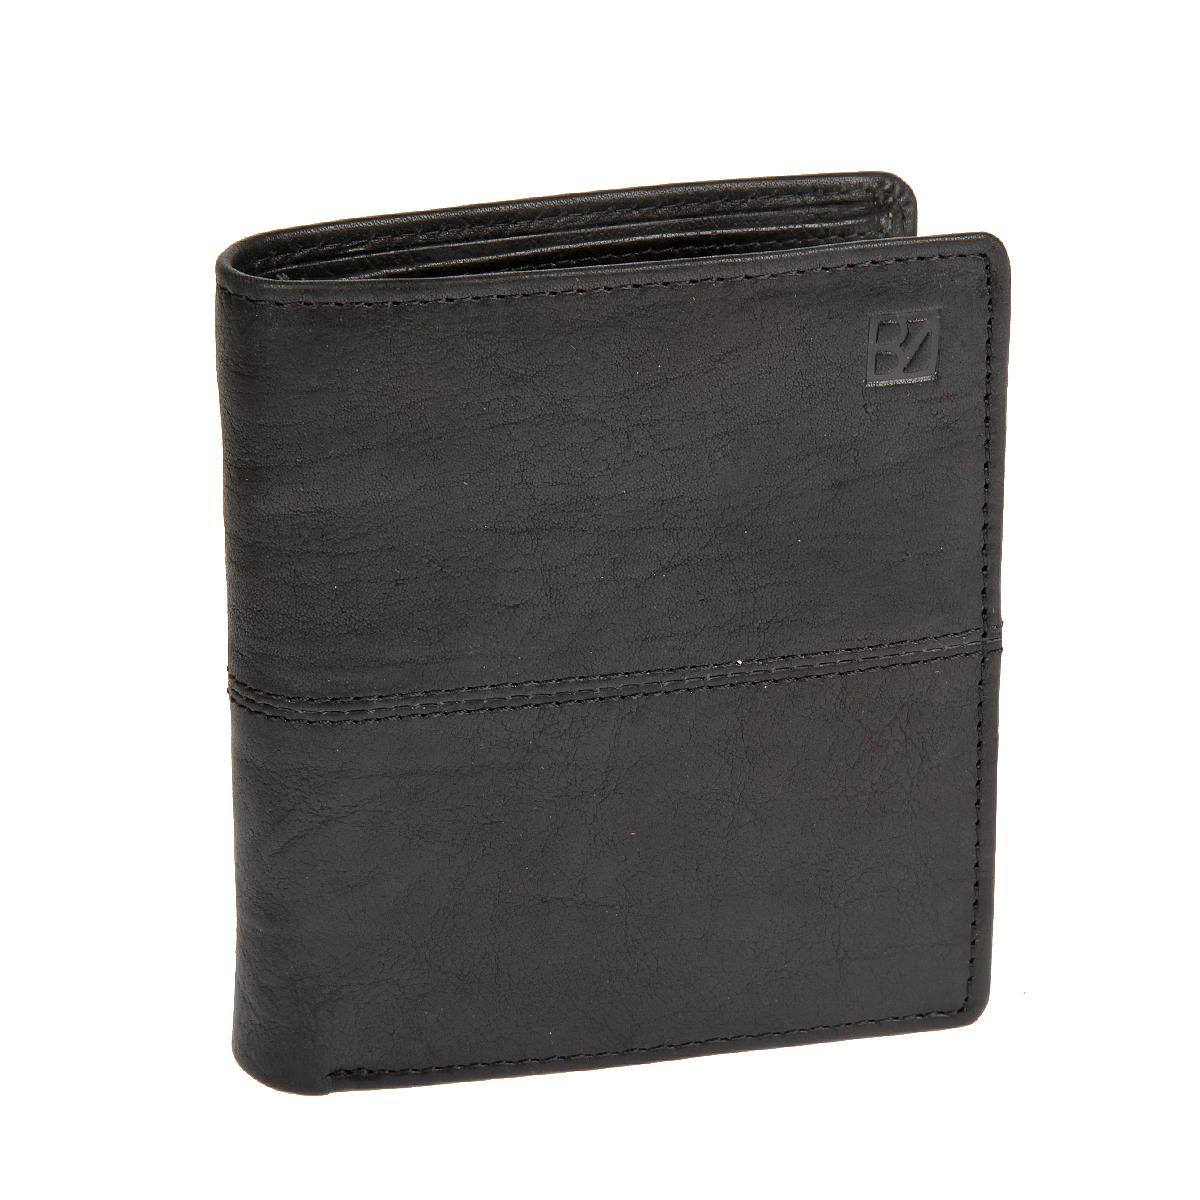 Портмоне мужское Bodenschatz, цвет: черный. 8-995 black8-995 blackРаскладывается пополам, внутри два отдела для купюр, пятнадцать кармашков для пластиковых карт, два потайных кармана, карман для мелочи на кнопке.